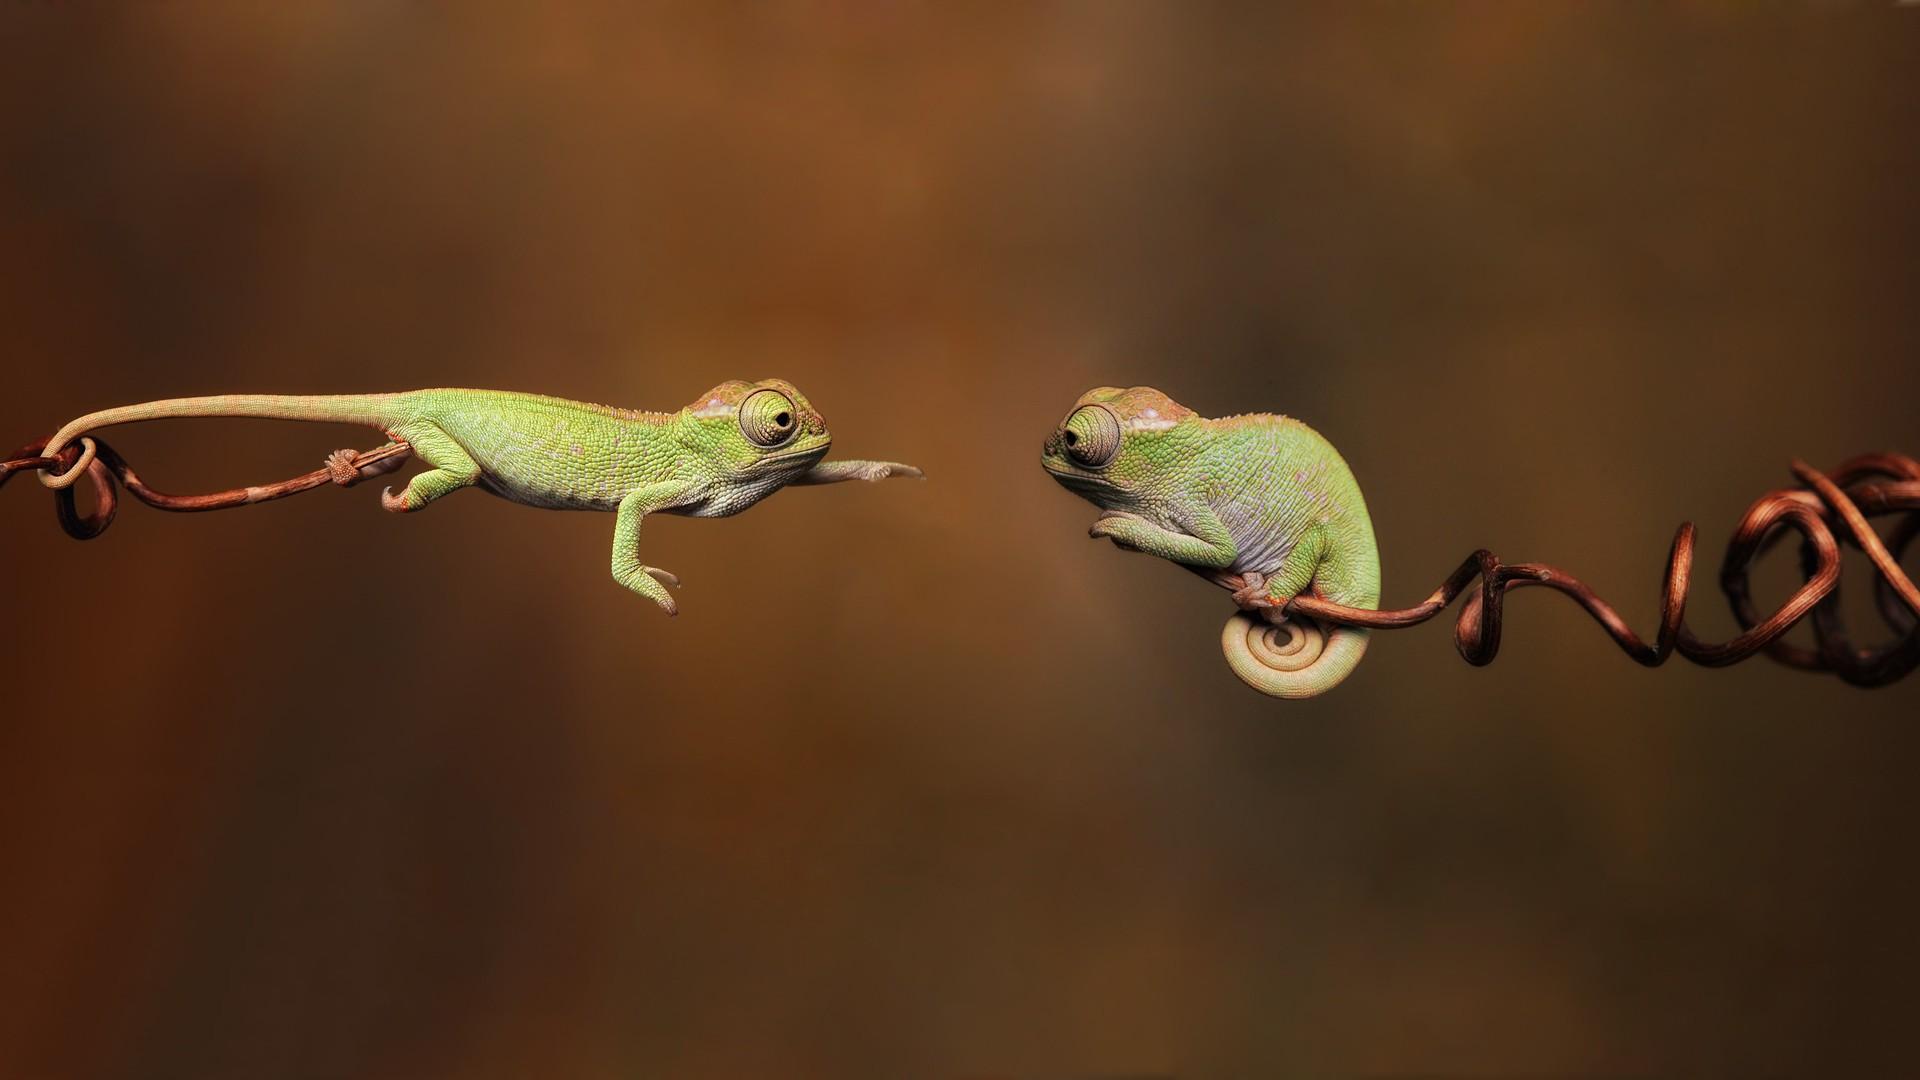 Baby chameleons will melt your heart